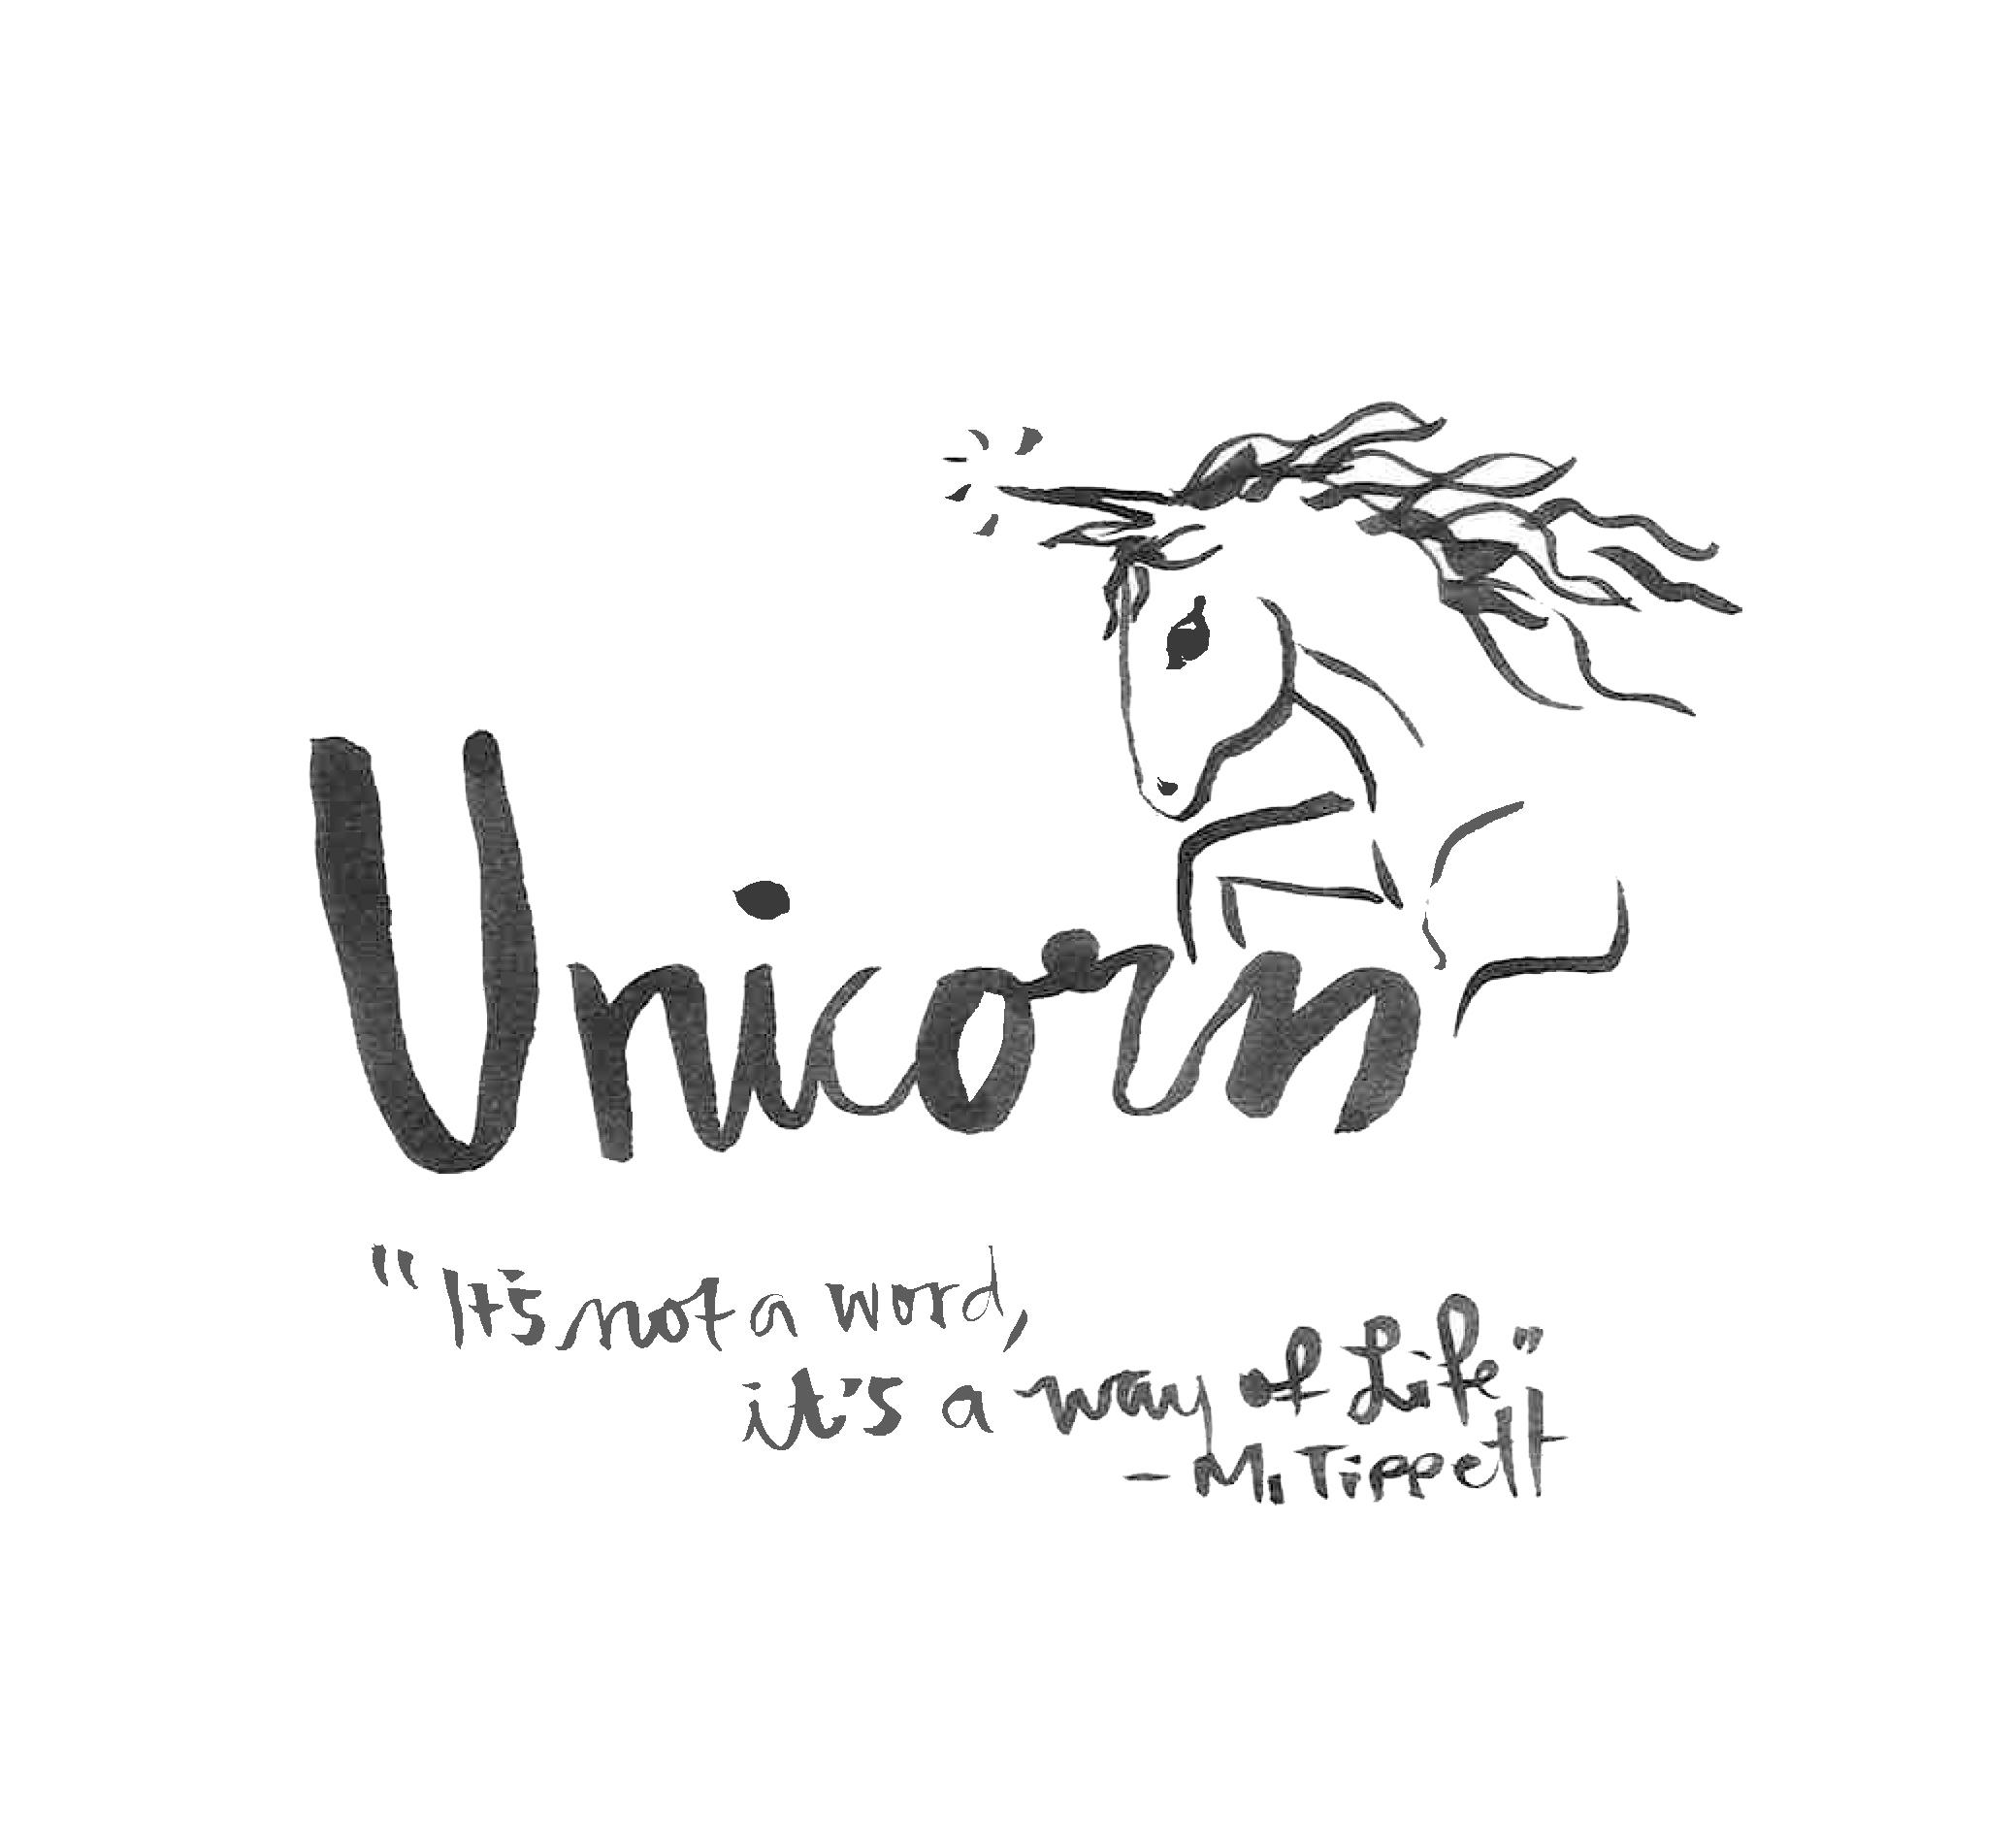 umicorn.jpg